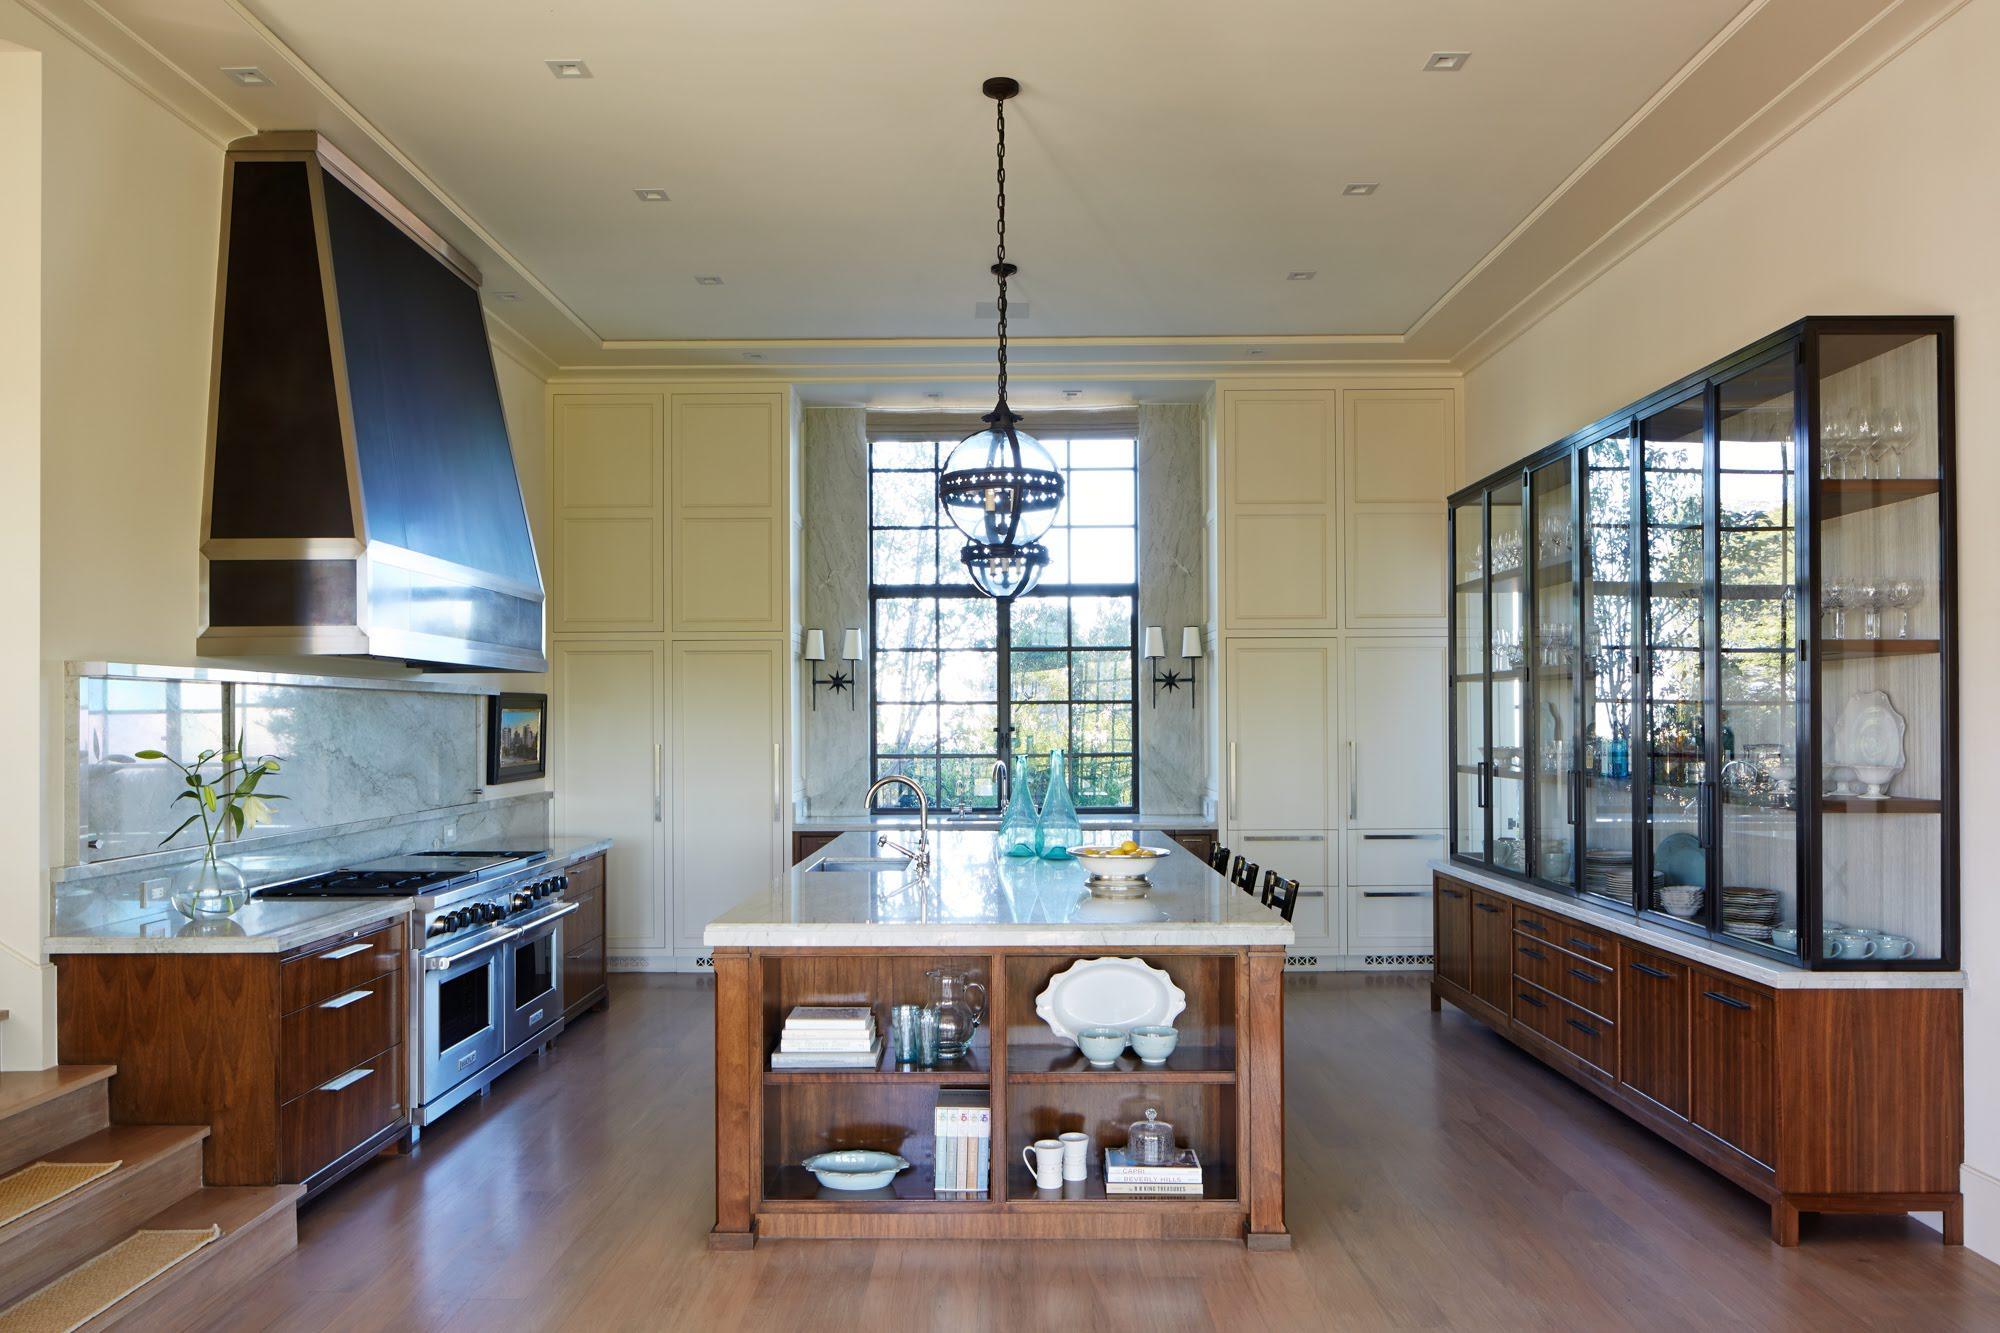 William_Hefner_beverly_crest_projects_Barnett__Kitchen__01__wide